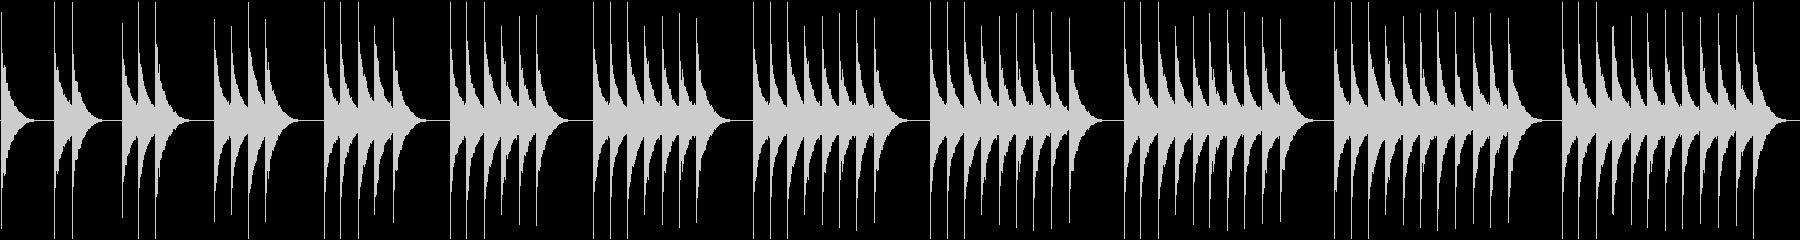 (ボーン、ボーン)レトロな柱時計の時報の未再生の波形